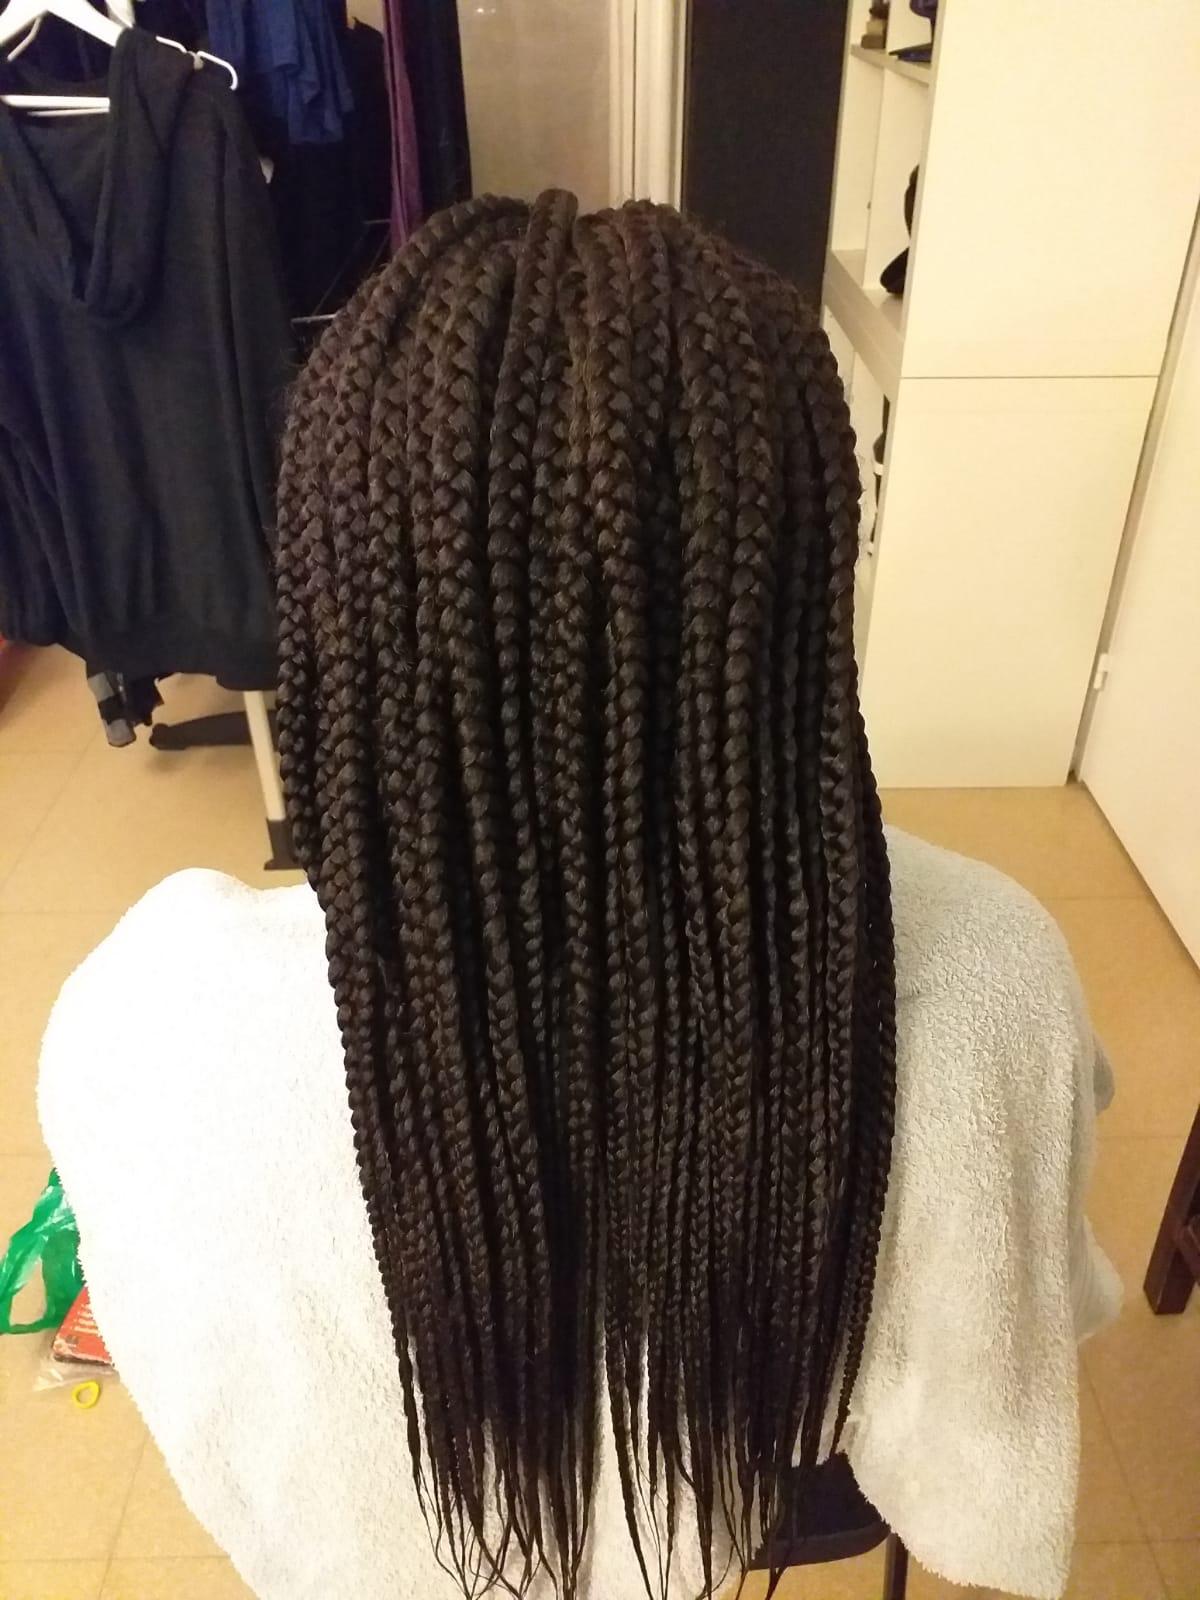 salon de coiffure afro tresse tresses box braids crochet braids vanilles tissages paris 75 77 78 91 92 93 94 95 VUBIFRST